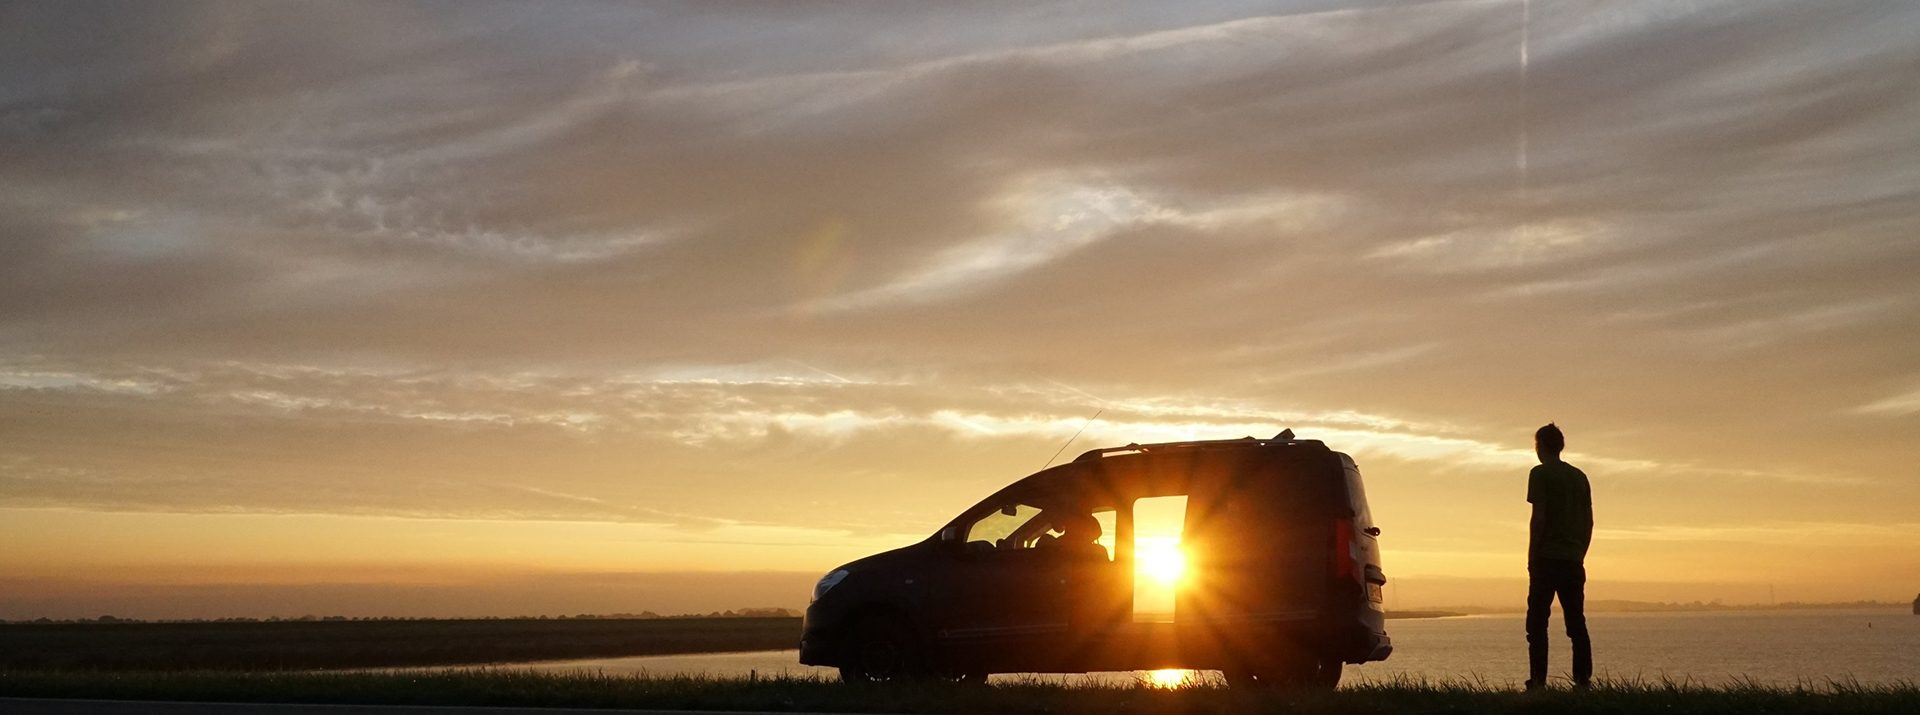 Dacia Dokker zonsondergang sfeerfoto zijkant